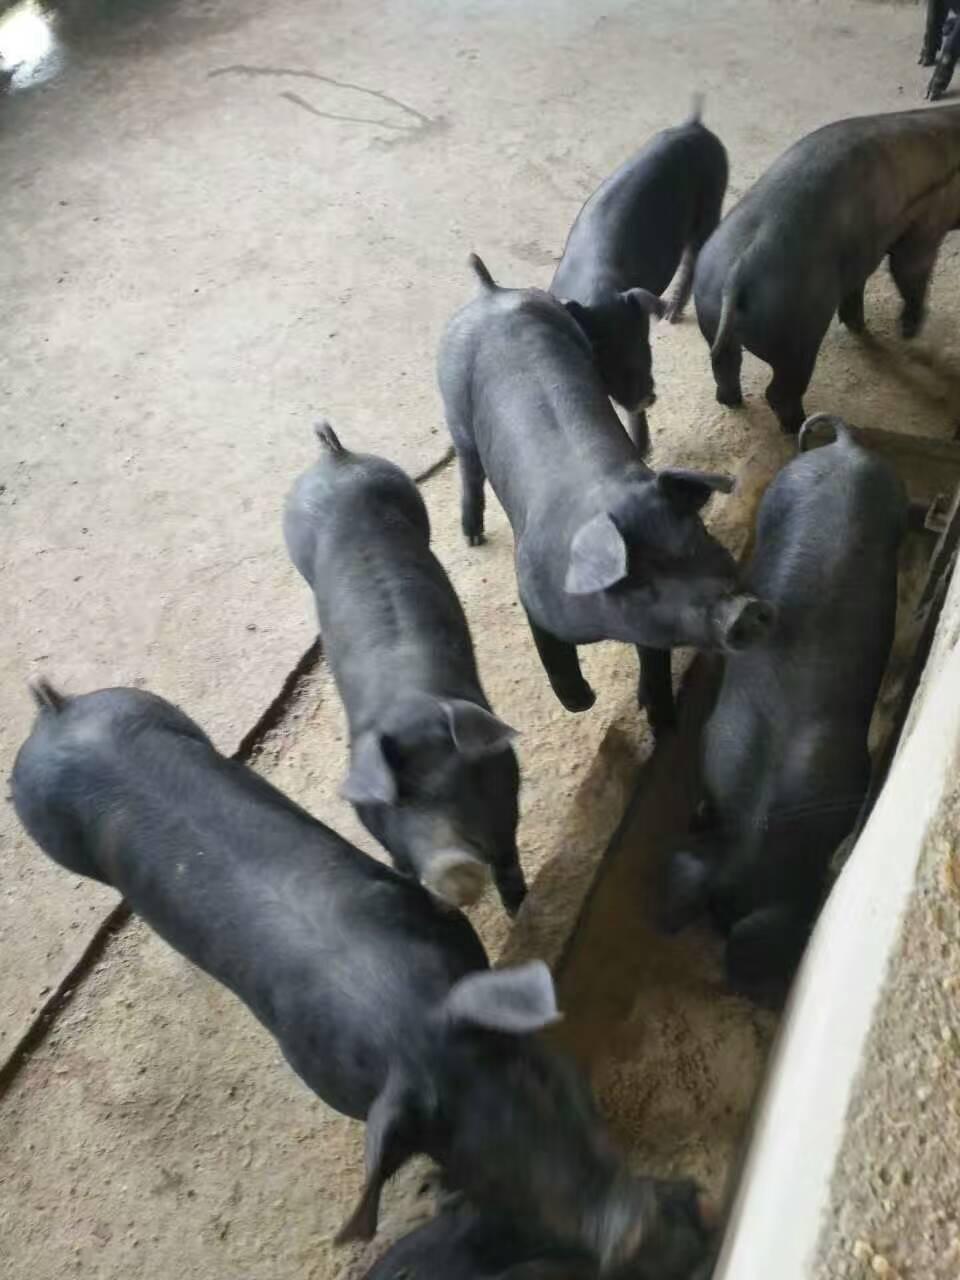 湖北随州肉猪价格猛跌,新鲜猪肉跌到八块一斤